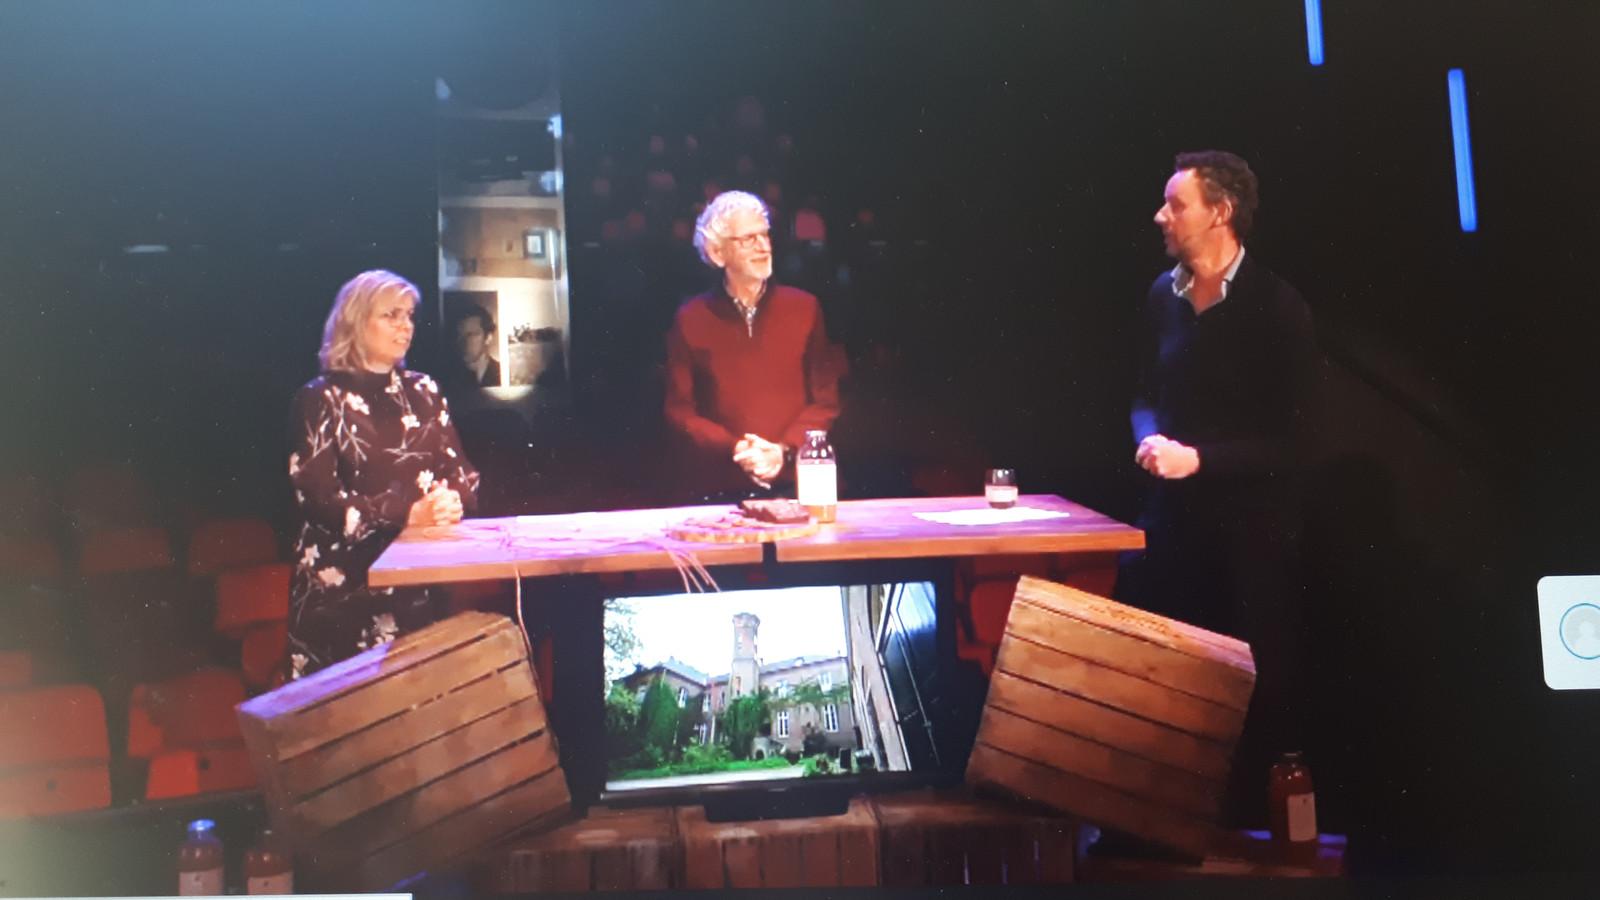 Vlnr Anja van Norel, directeur van landgoed Huis Sevenaer, Martien Op 't Hart en Olaf Klaassen, beide van de werkgroep film, zaterdag tijdens de online première van de film over Huis Sevenaer.